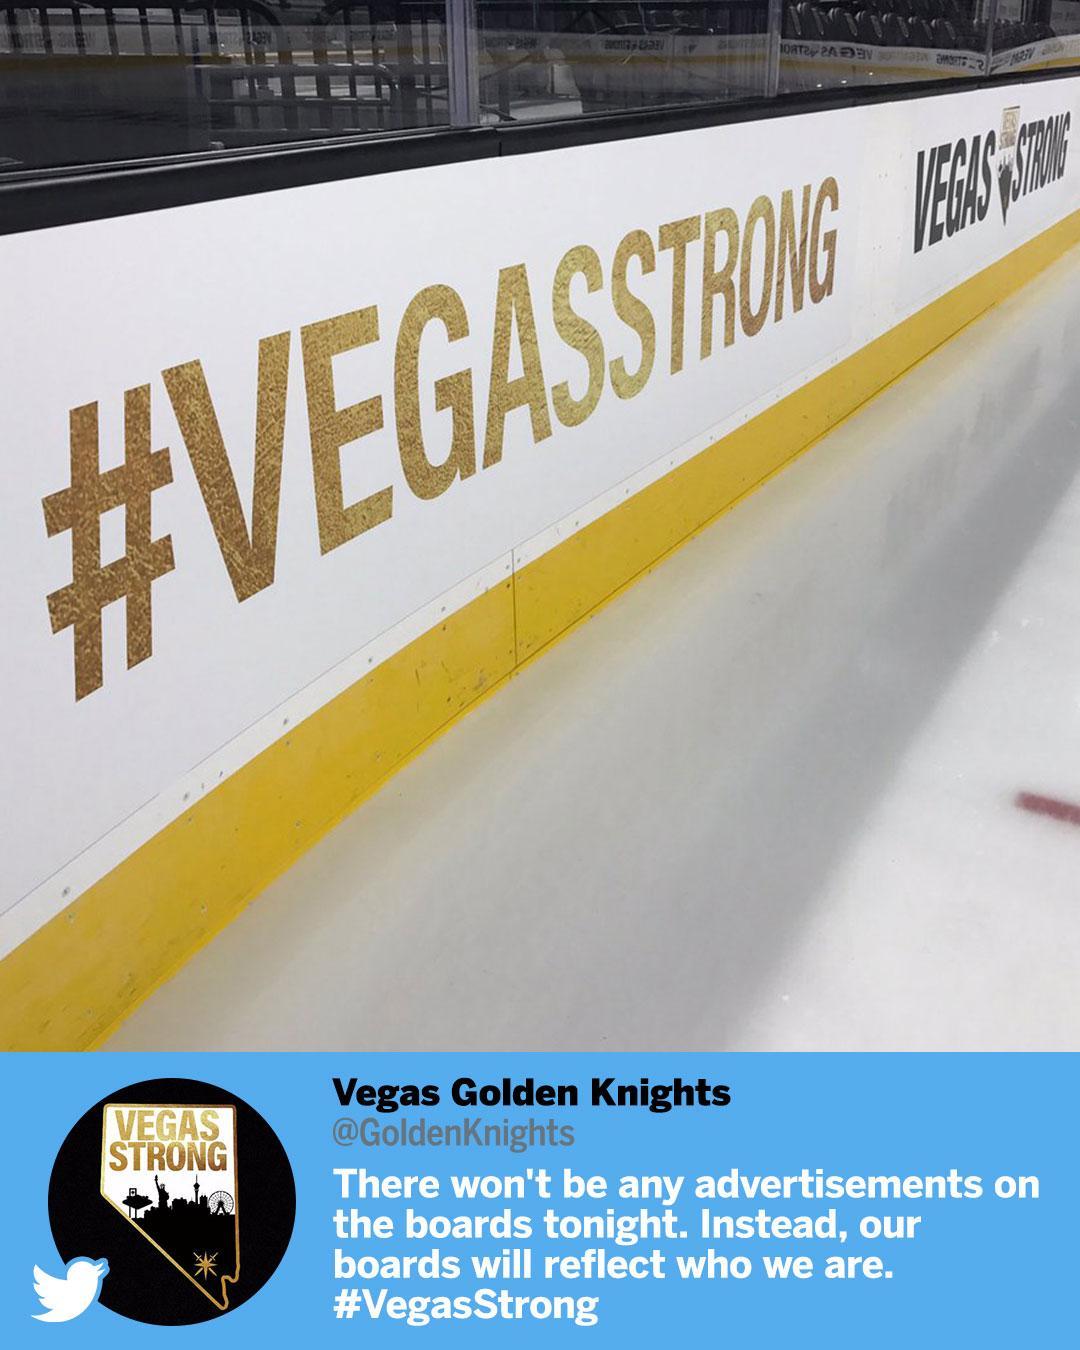 #VegasStrong https://t.co/mbPRUGwE3z